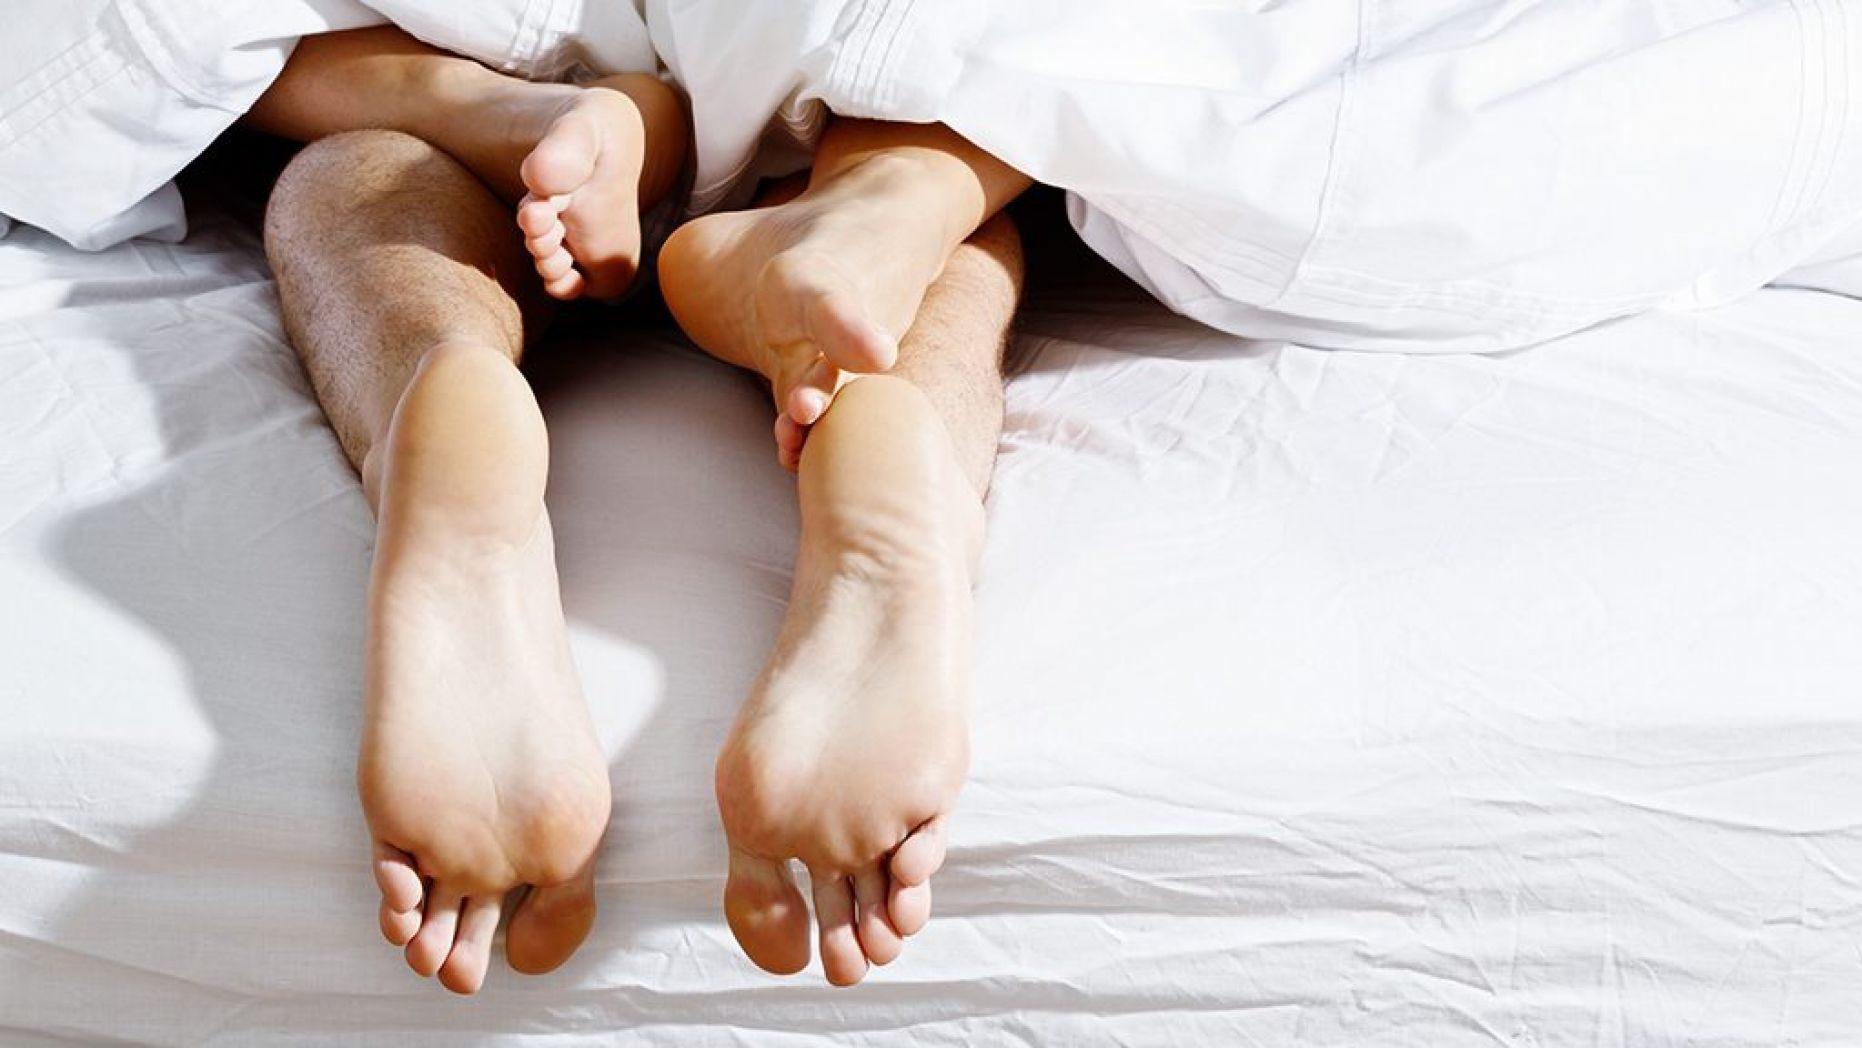 Đàn ông thích nghe gì khi quan hệ tình dục?